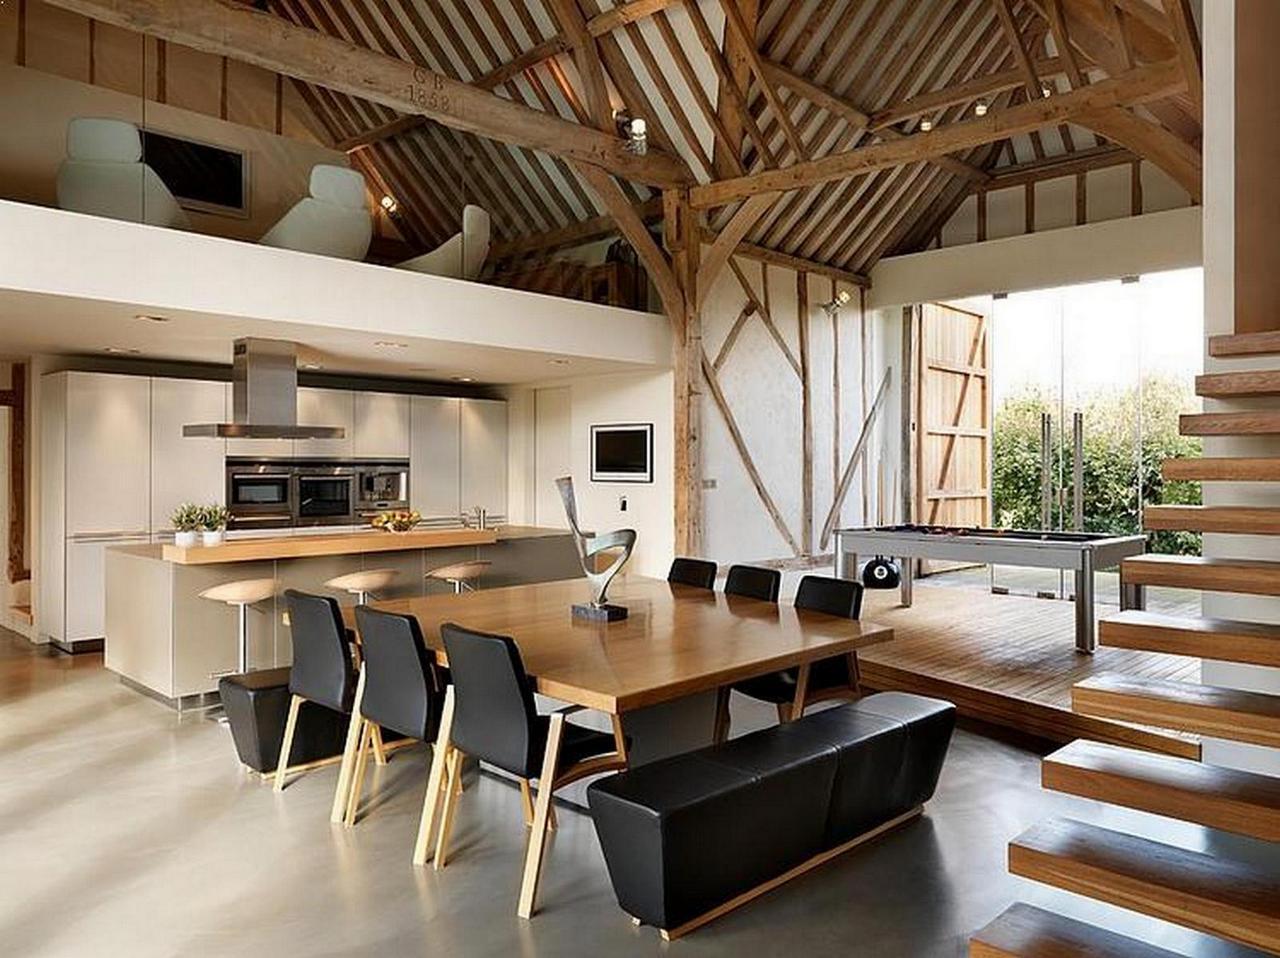 Dwukondygnacyjny salon czyli wn trza kt re inspiruj projekt stodo a for Barn conversion kitchen designs